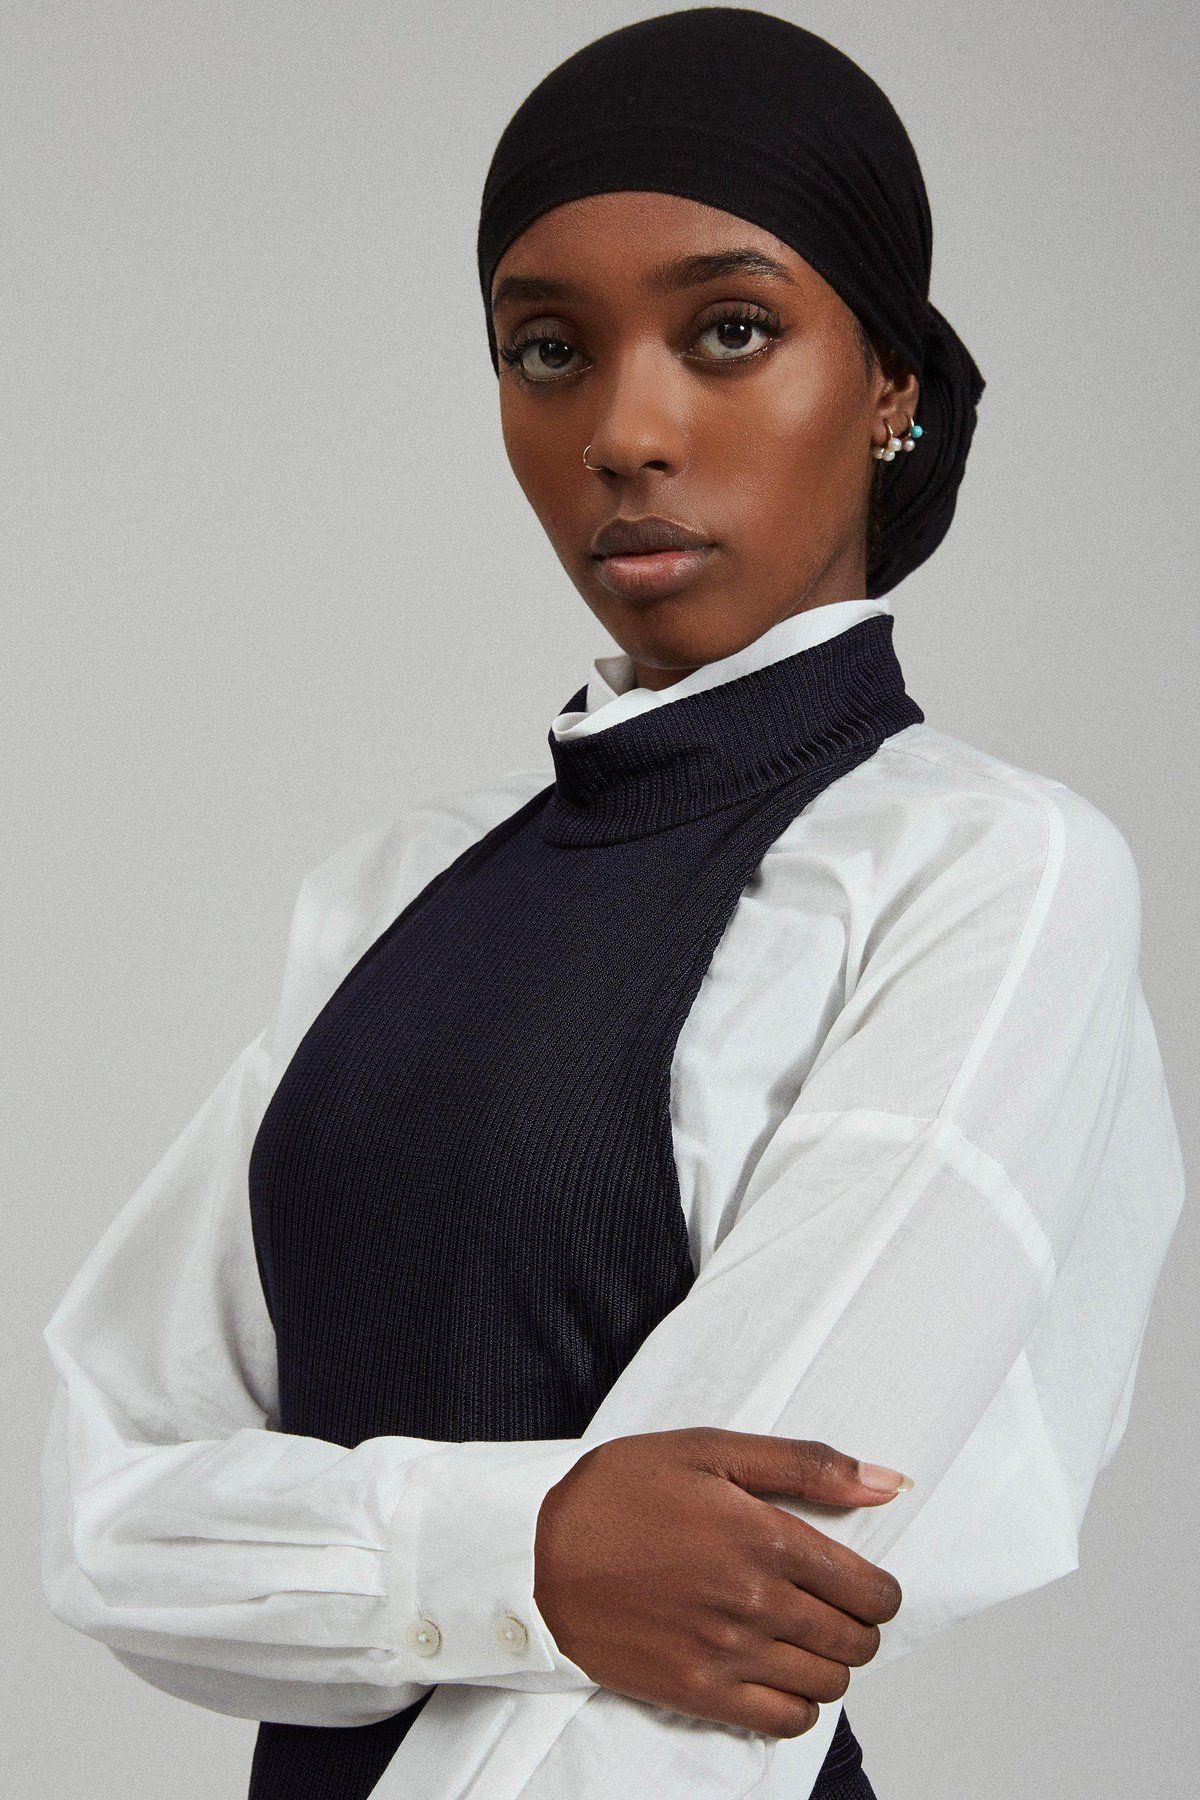 Inspirasi Model Anting yang Cocok untuk Gaya Hijab Turban